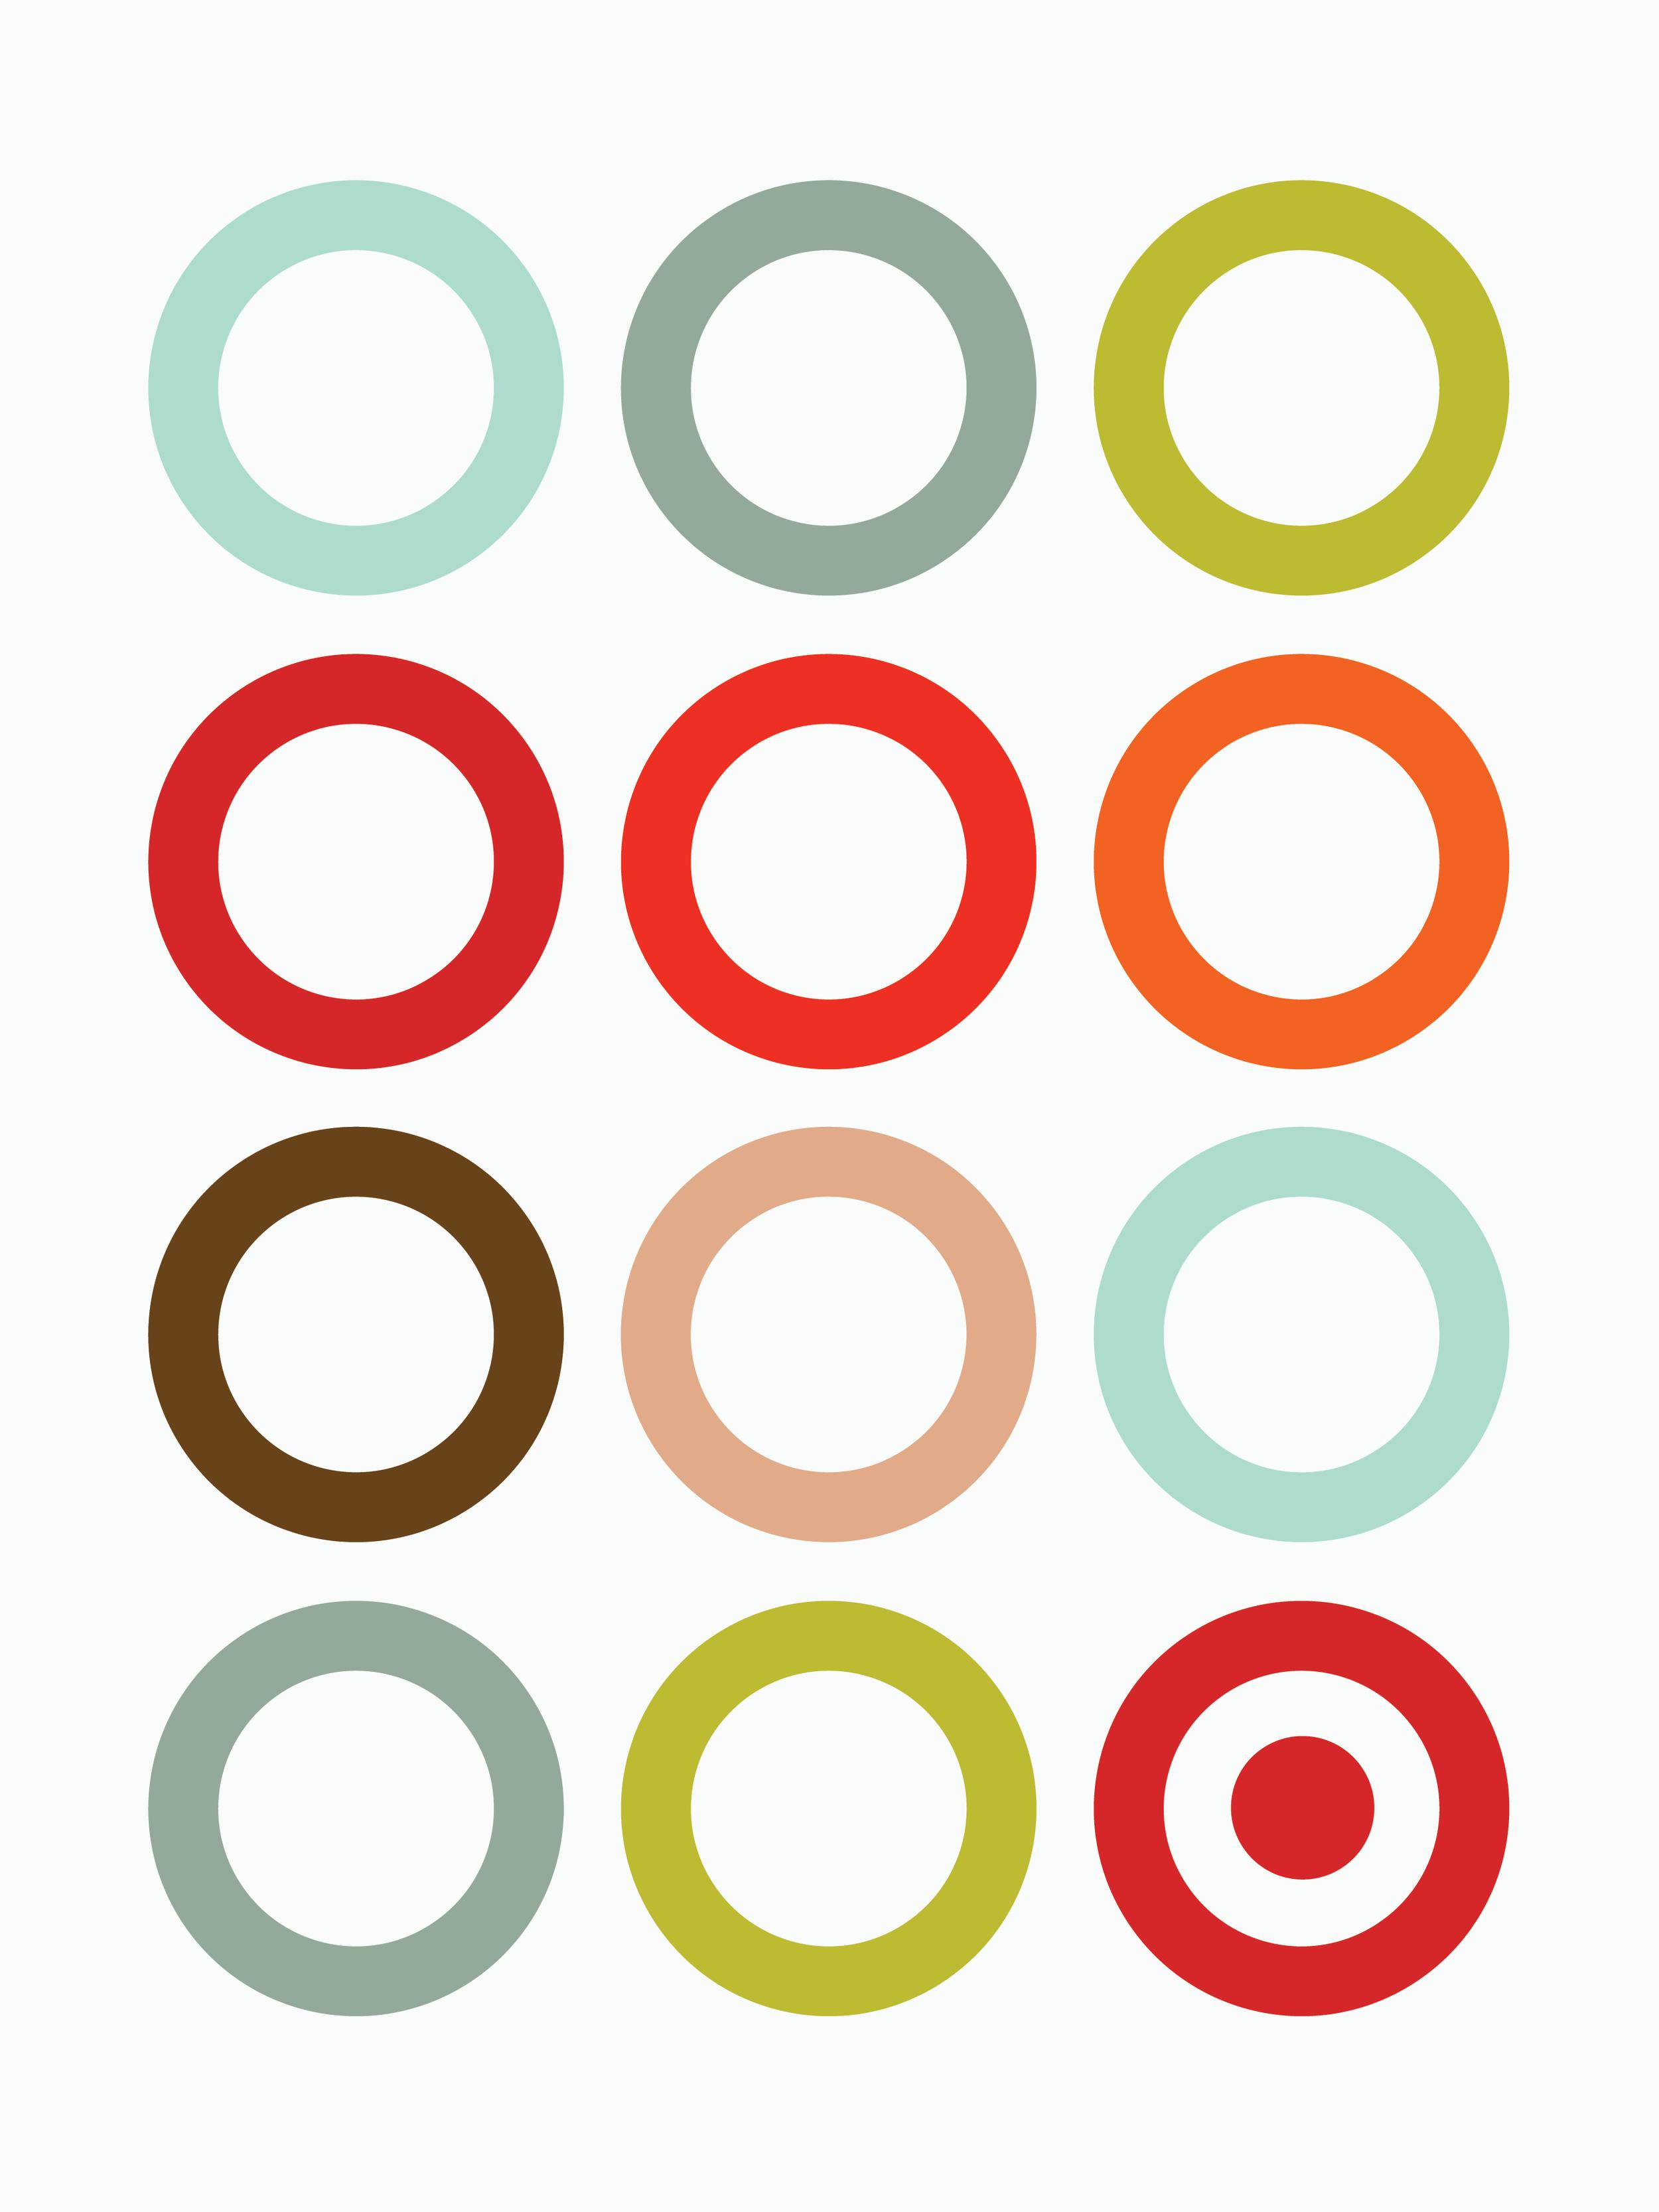 Shape_Color_Art_05-01.png